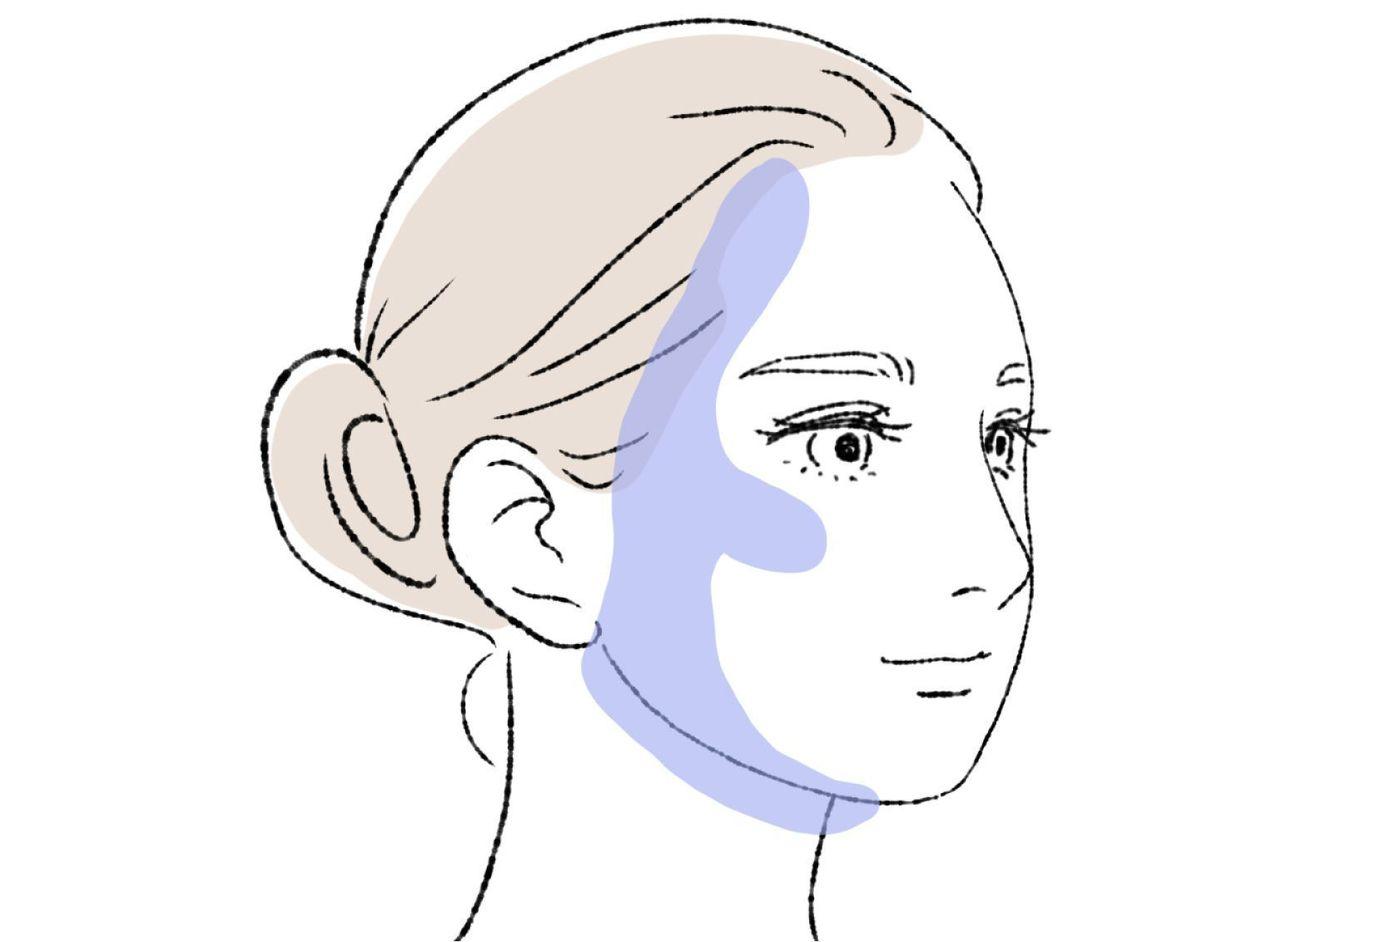 シェーディングで顔型の悩みをカバー!おすすめランキング10選の2枚目の画像